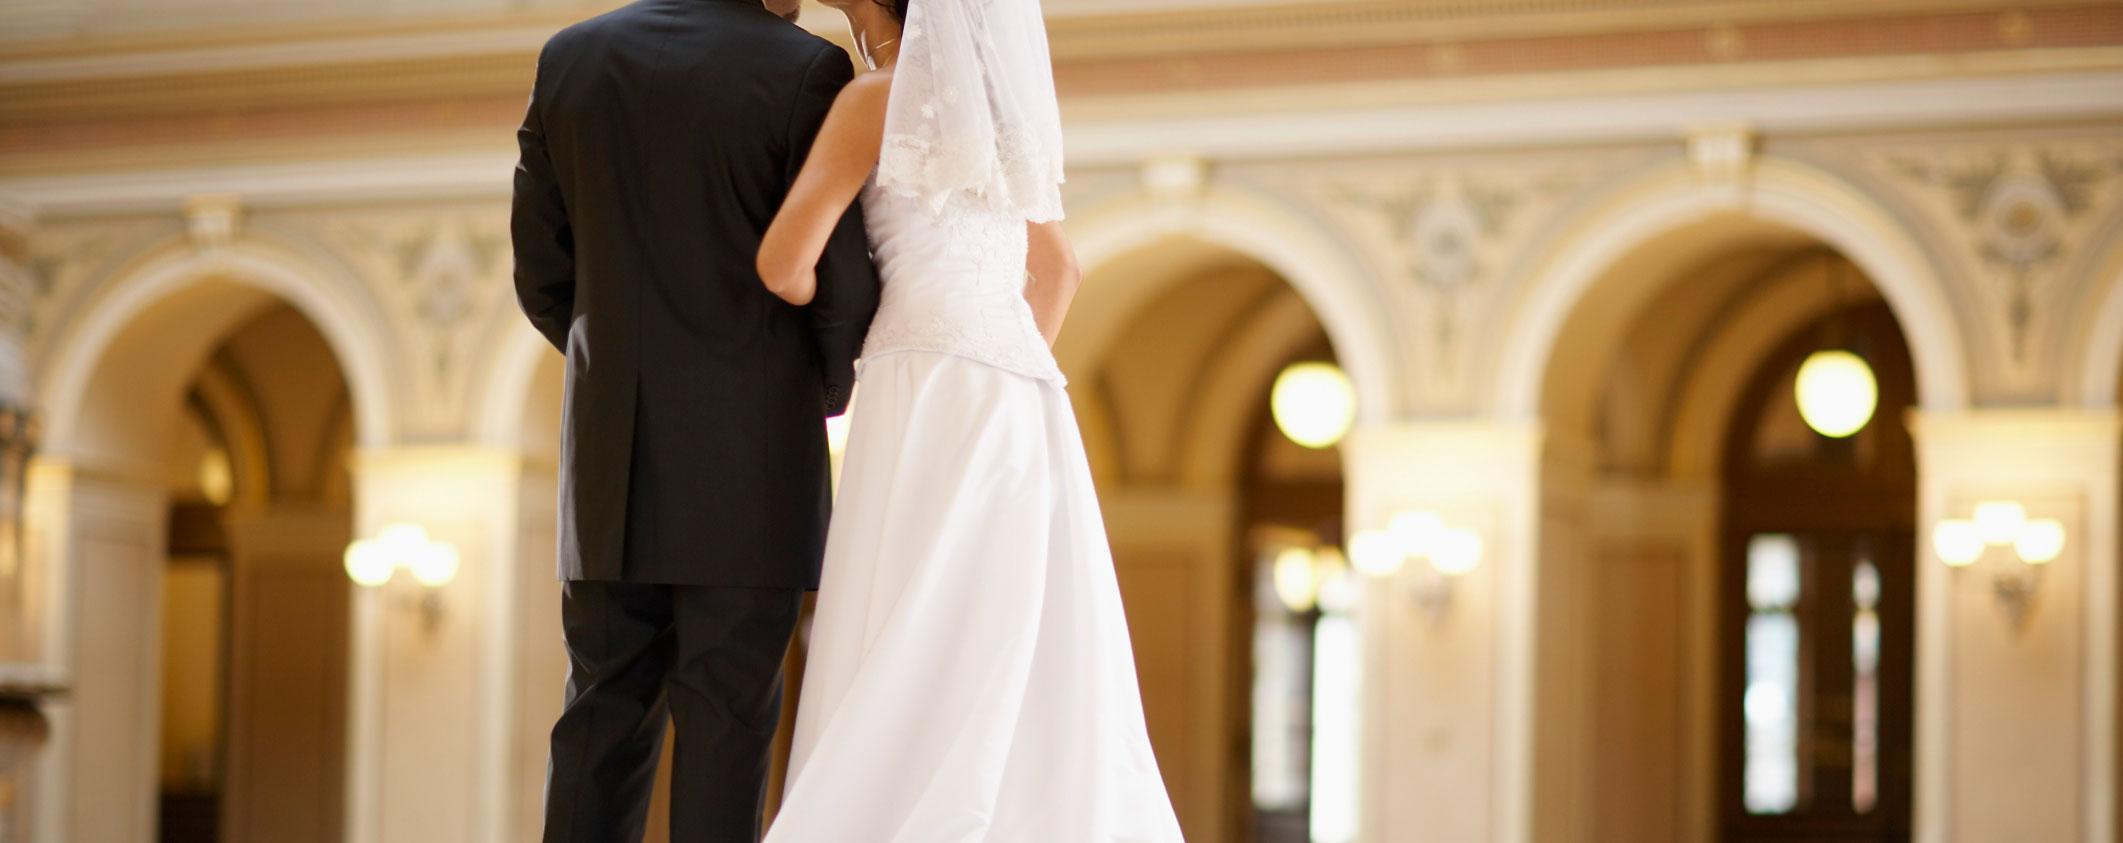 Rüyada Başka Birisinin Evlendiğini Görmek